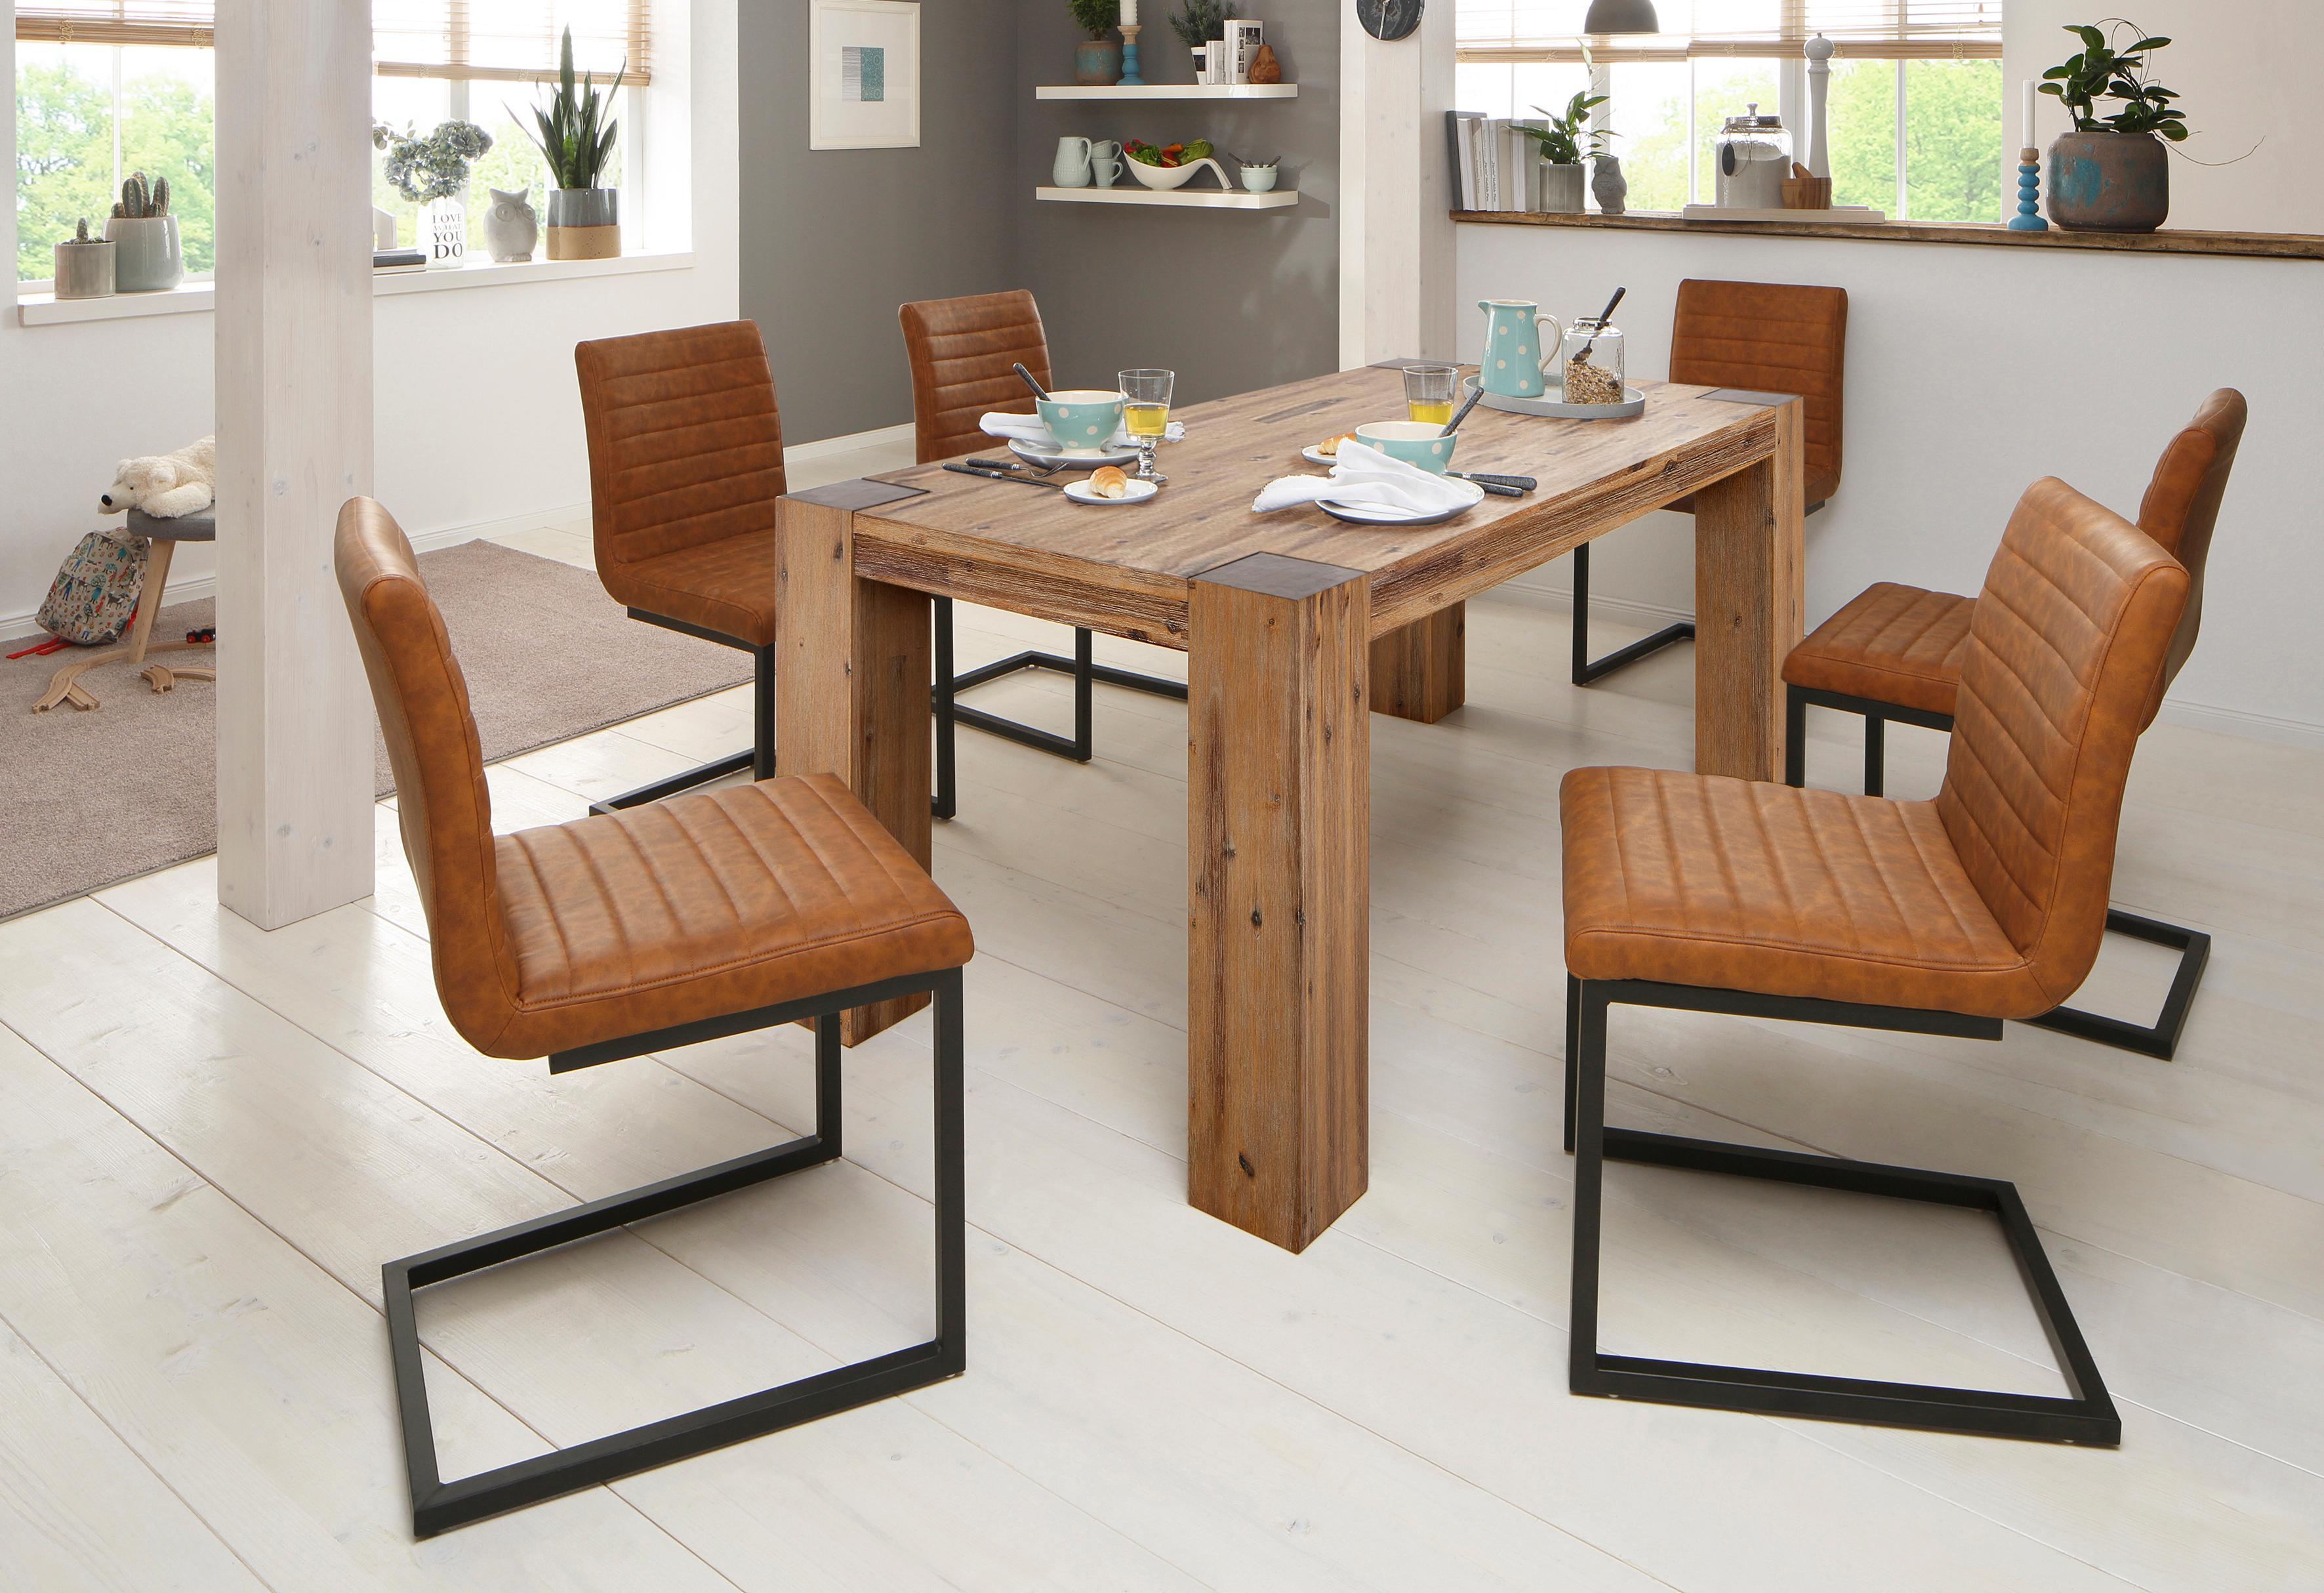 massivholz Esszimmerstühle online kaufen | Möbel-Suchmaschine ...